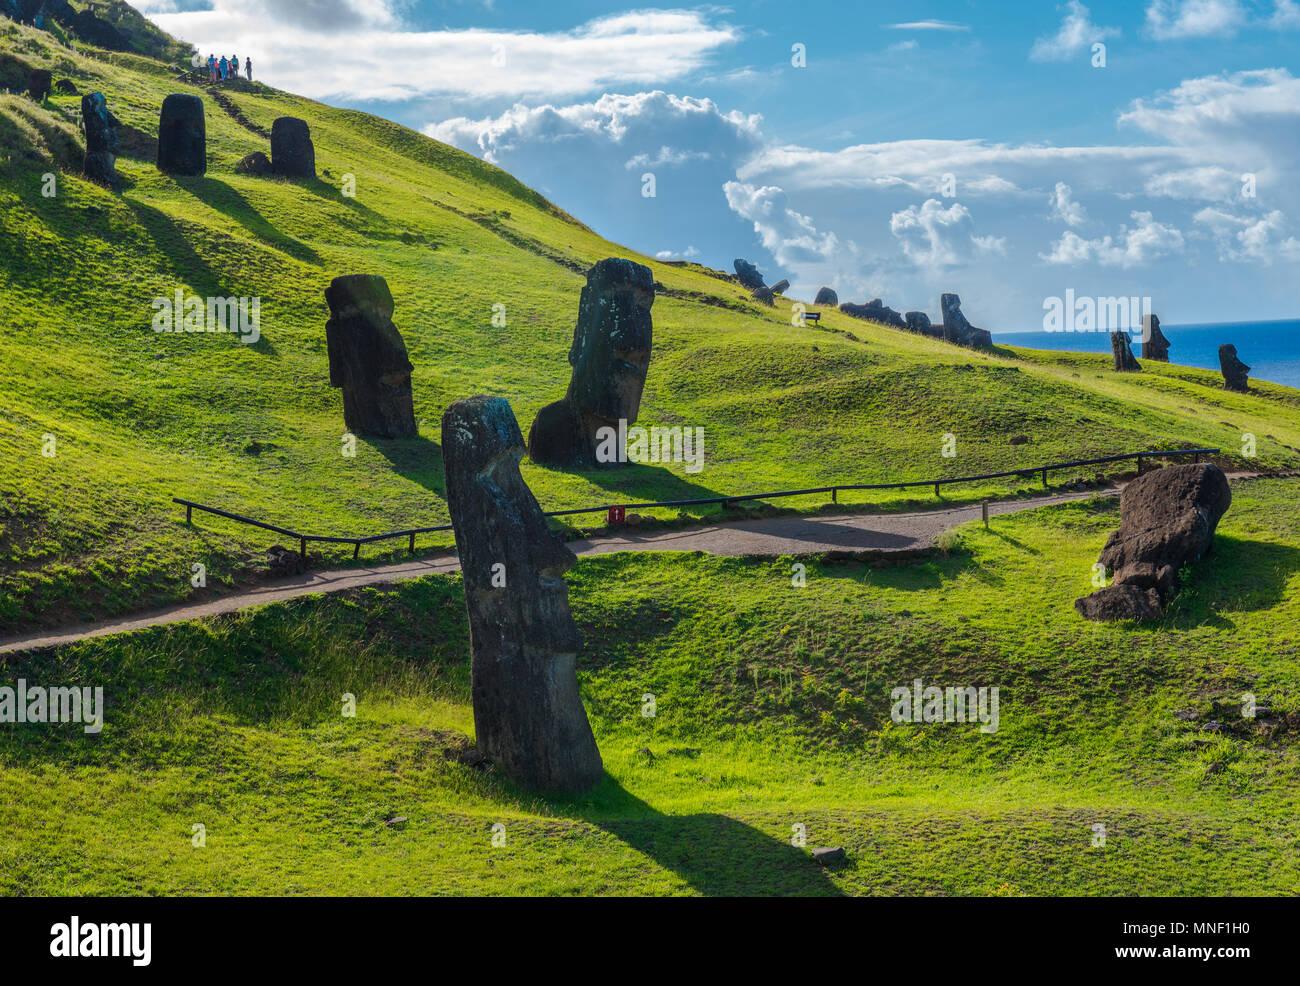 Moai Statuen auf der Osterinsel readdied für Transport, bevor er auf mysteriöse Weise aufgegeben. Stockbild